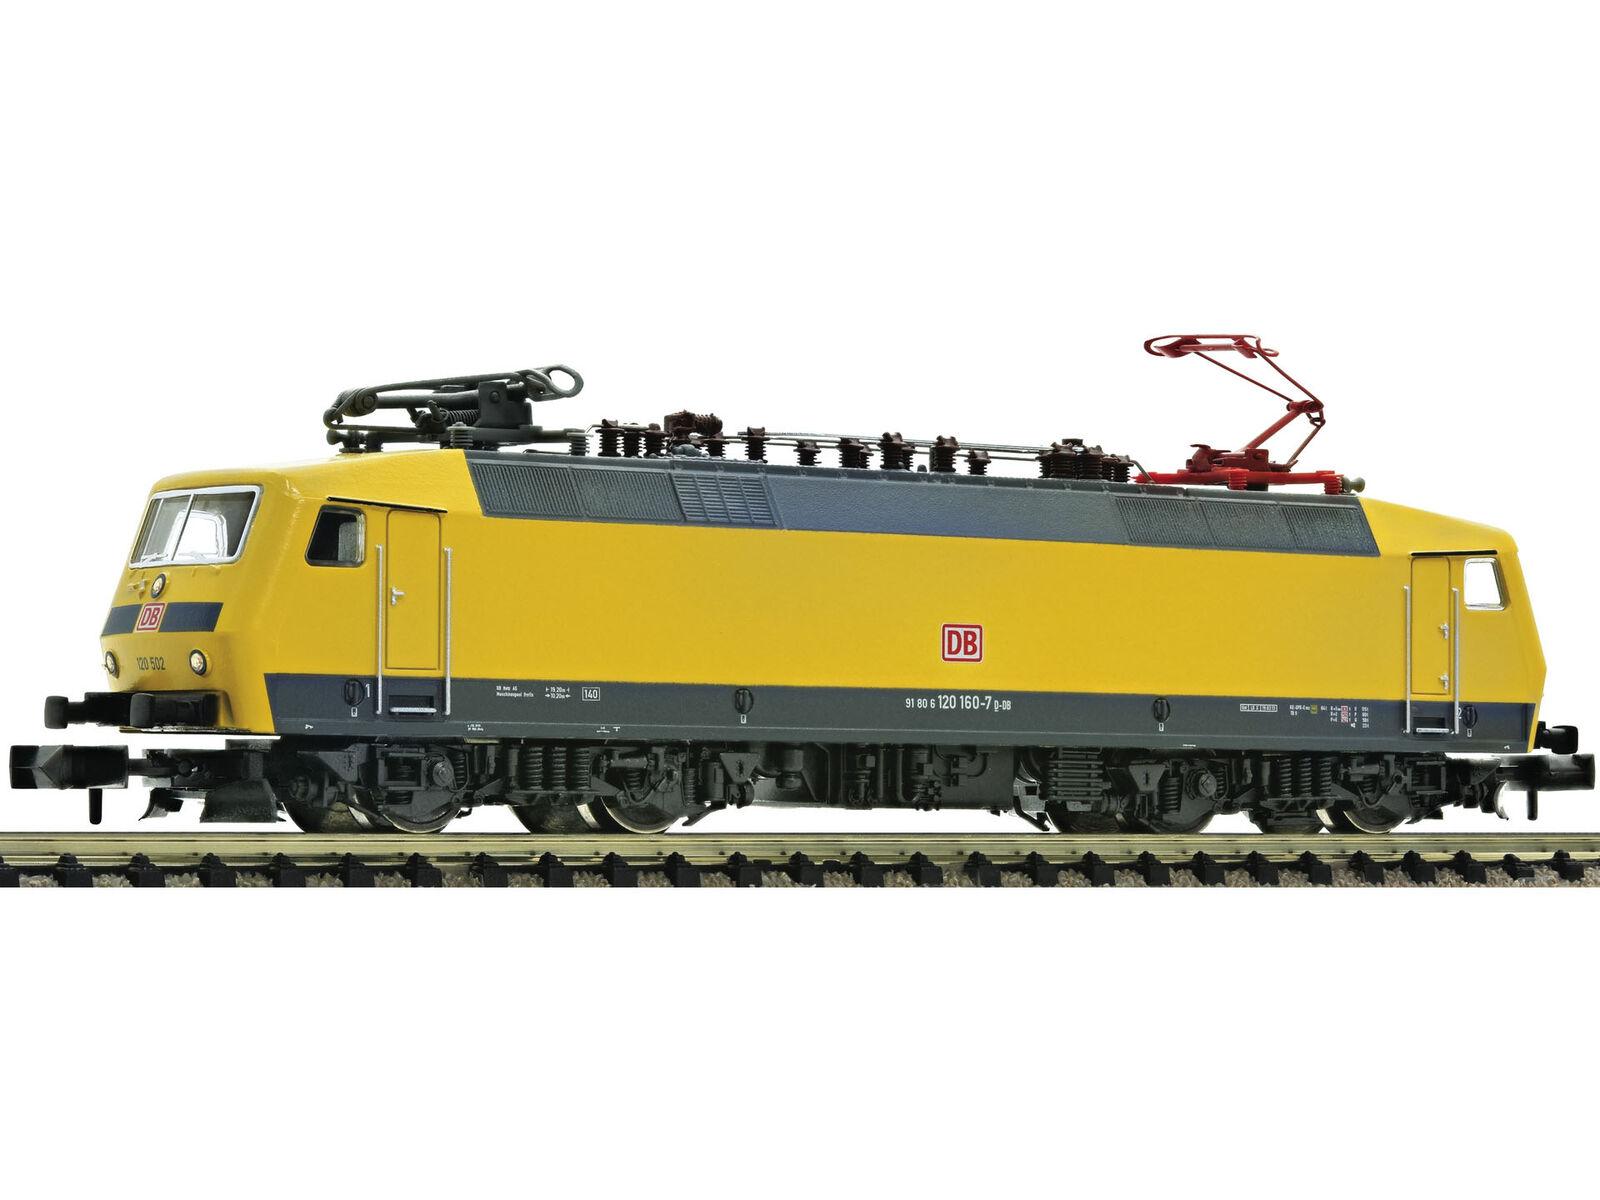 Fleischmann 735303-gasóleo br 120 160-7 DB AG-pista N-nuevo